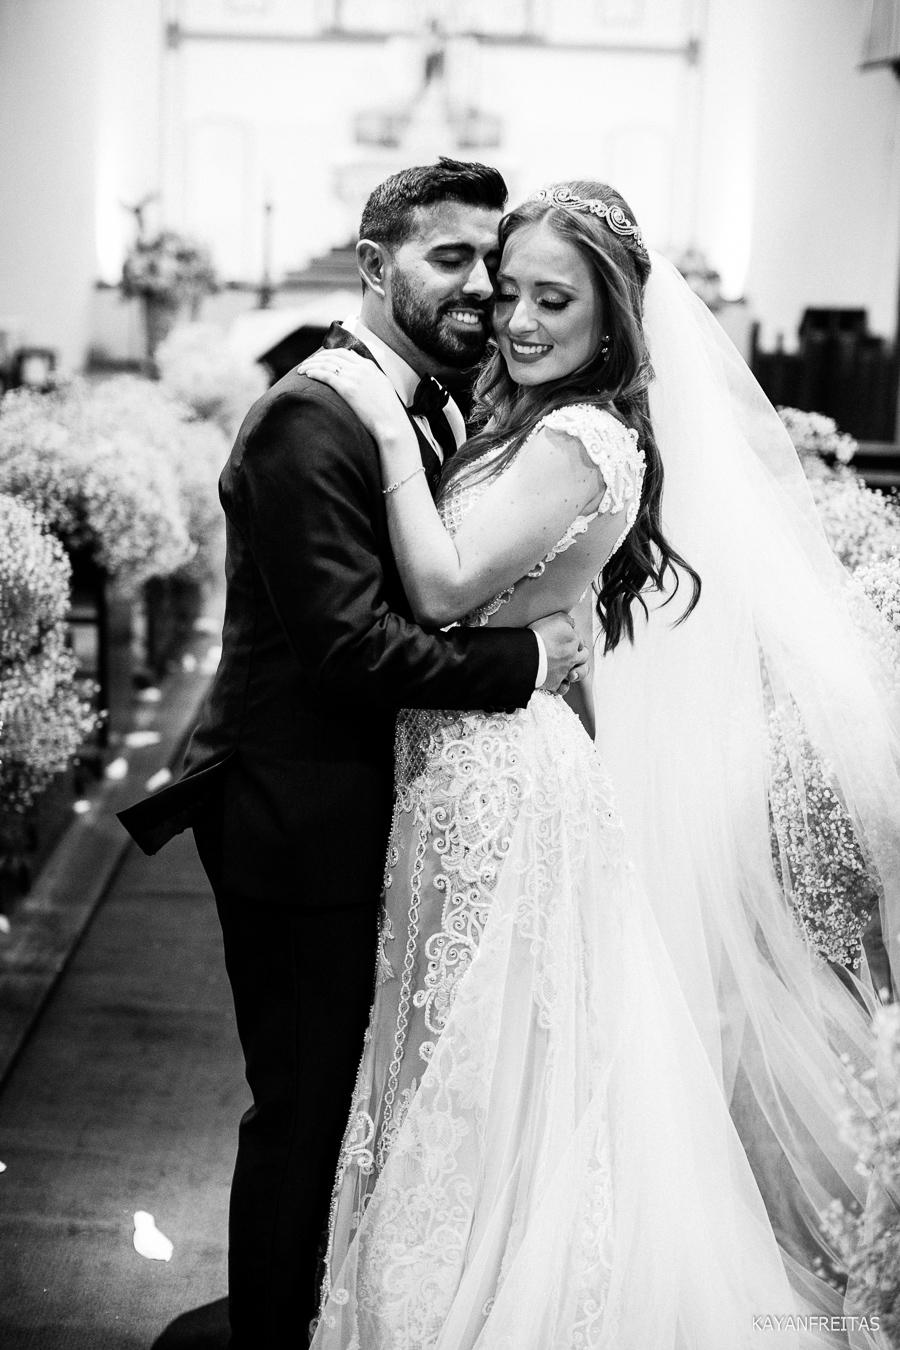 fotografo-casamento-floripa-0087 Fotografia de Casamento - Caroline e Eduardo